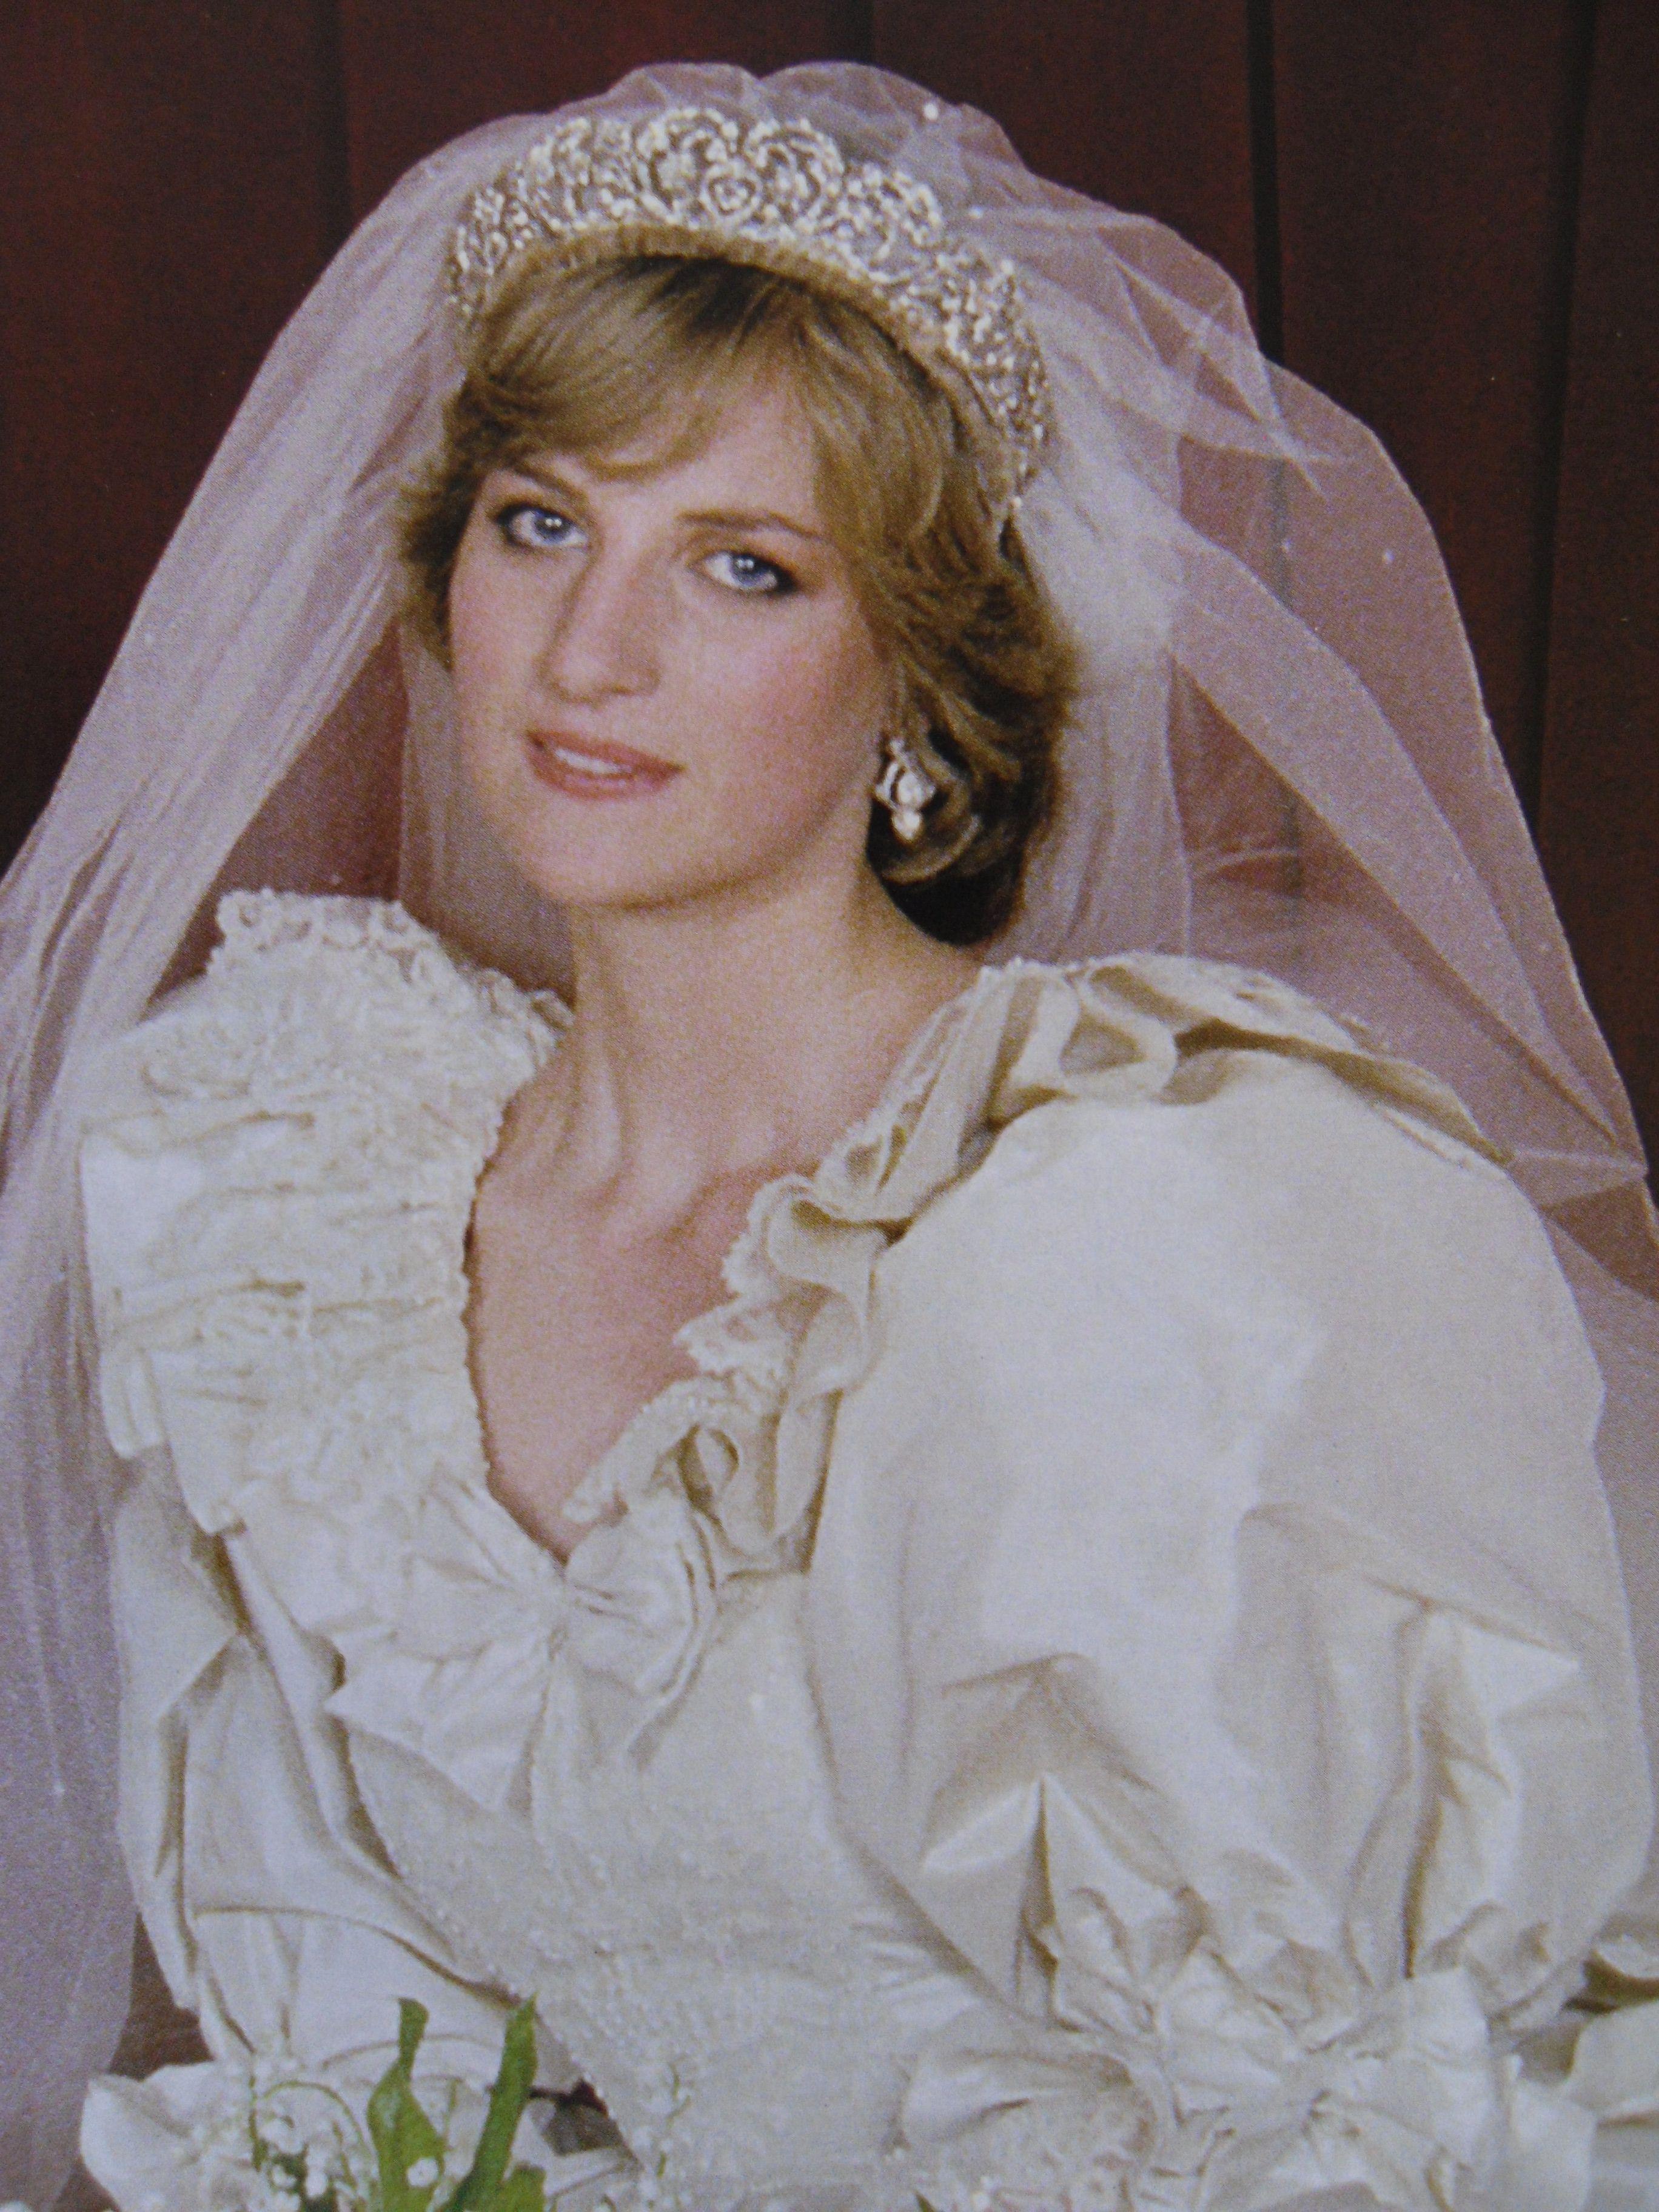 Фото принцессы дианы до свадьбы